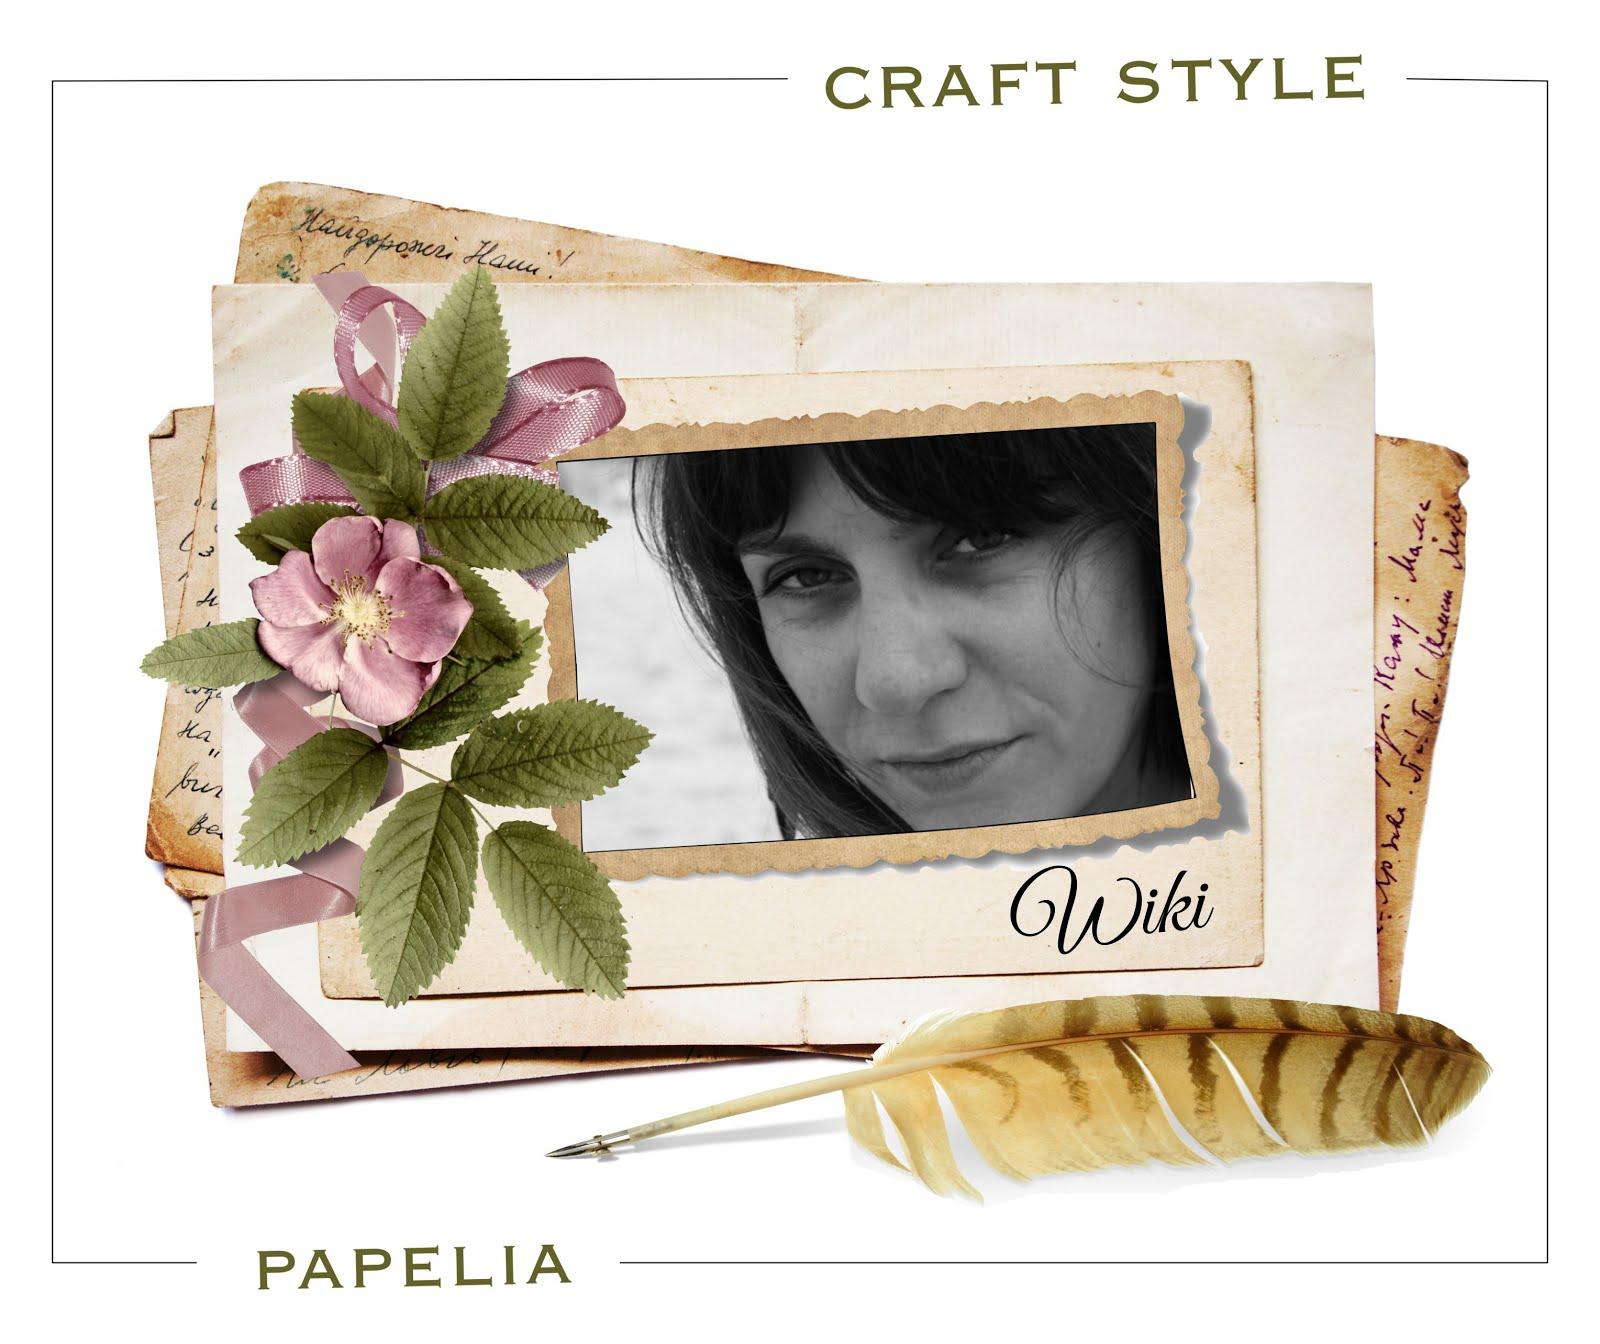 Inspirowałam w Craft Style i Papelia